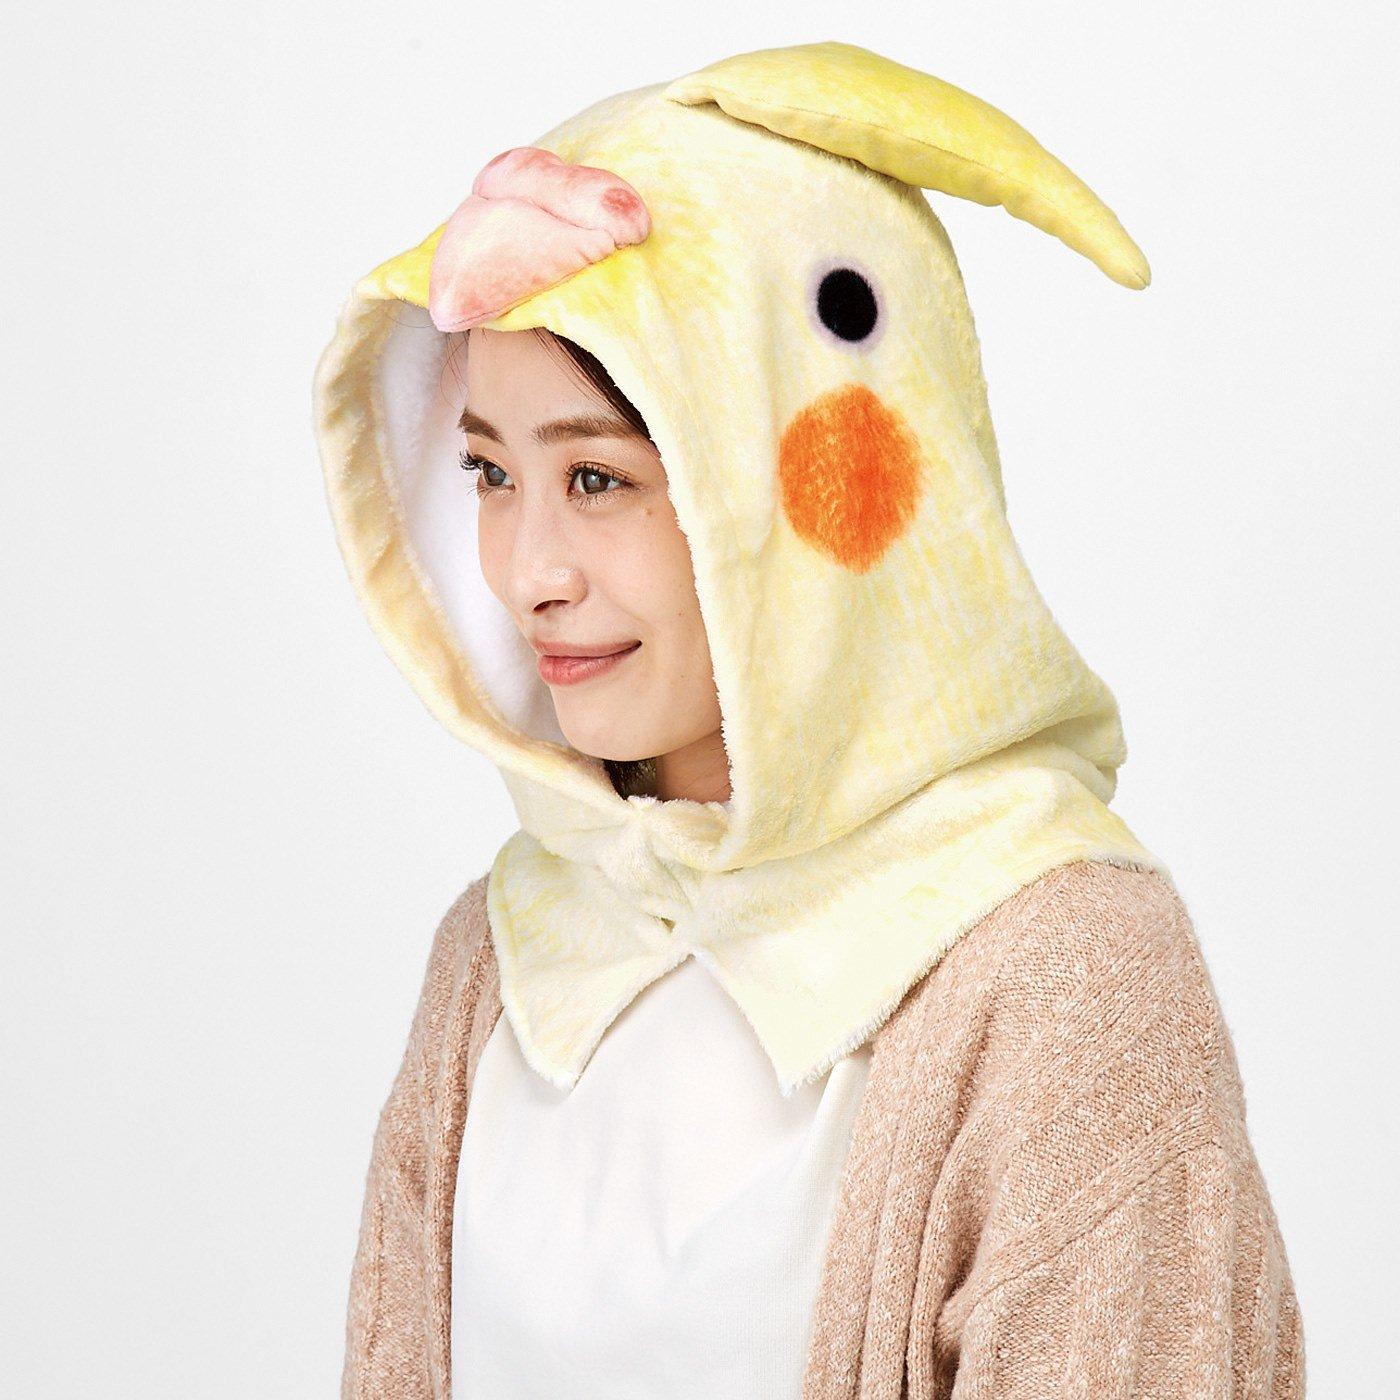 小鳥部 寒さを感じたら小鳥に変身! スポッとかぶるだけ 首もとあたたかフード付きスヌードの会